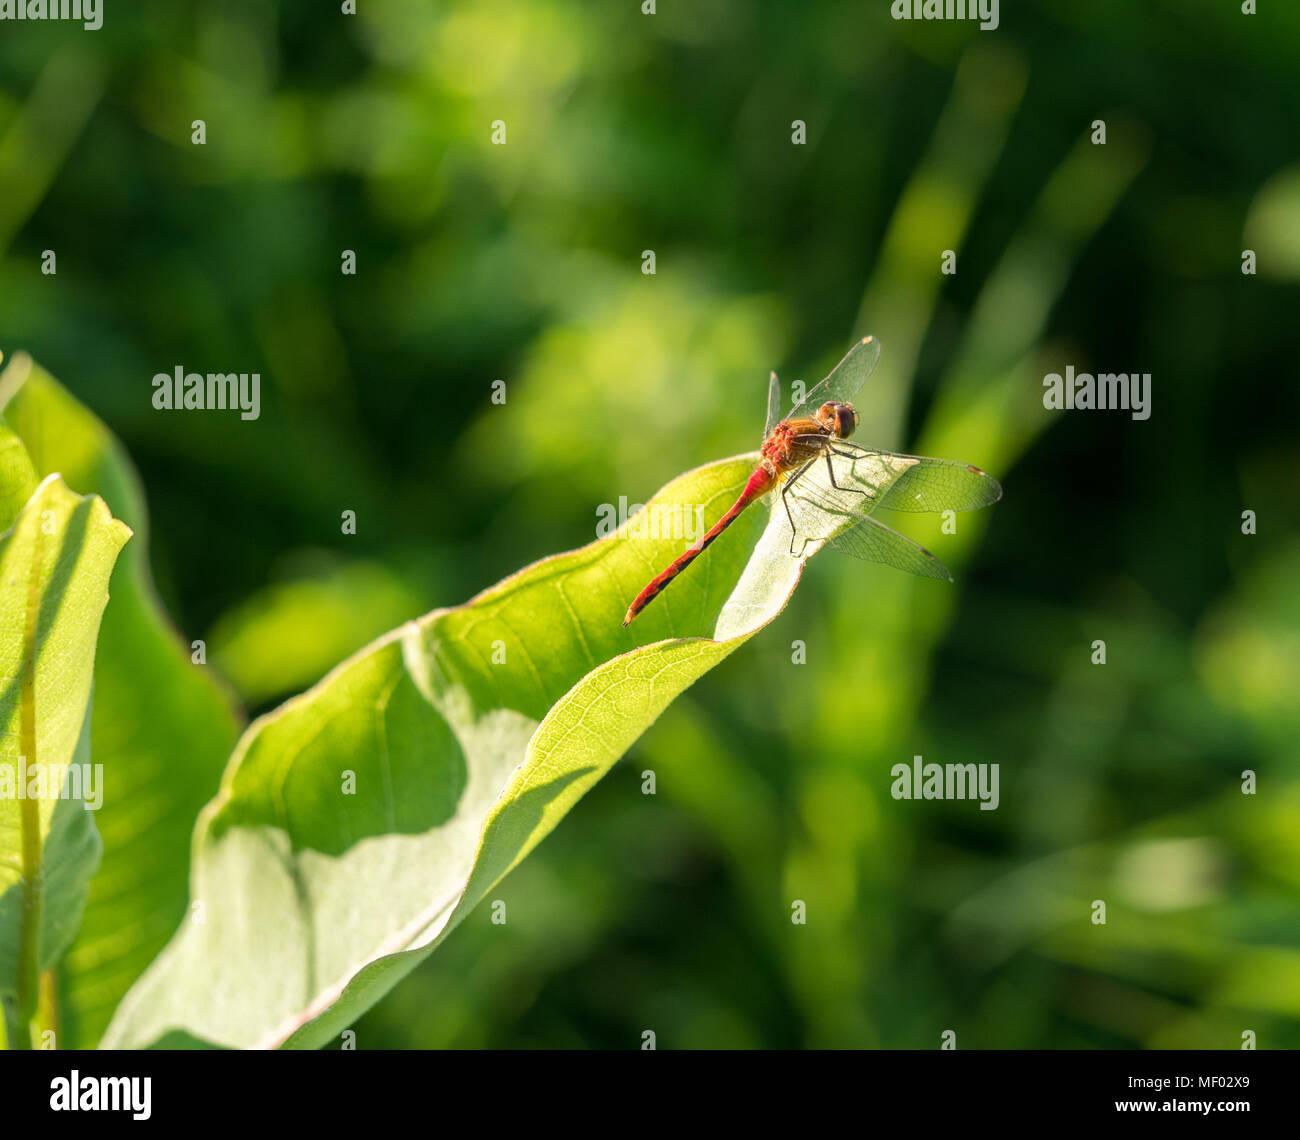 Ruby meadowhawk réchauffement de ses ailes de libellule sur une feuille. Banque D'Images